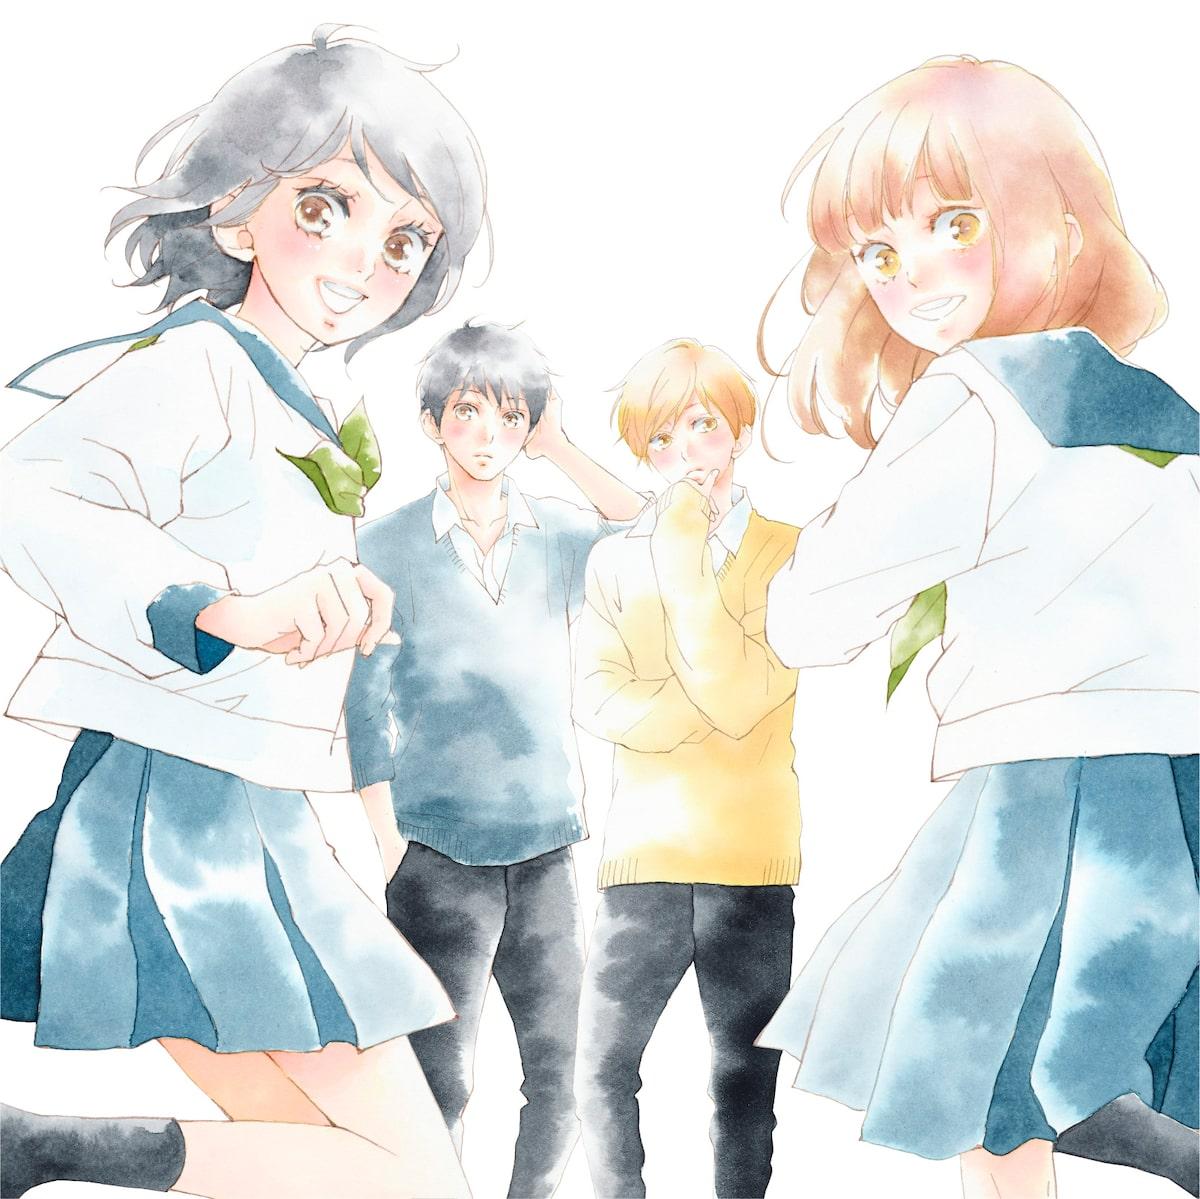 ふりふら 井上苑子のコラボ曲イメージして咲坂伊緒がイラスト描き